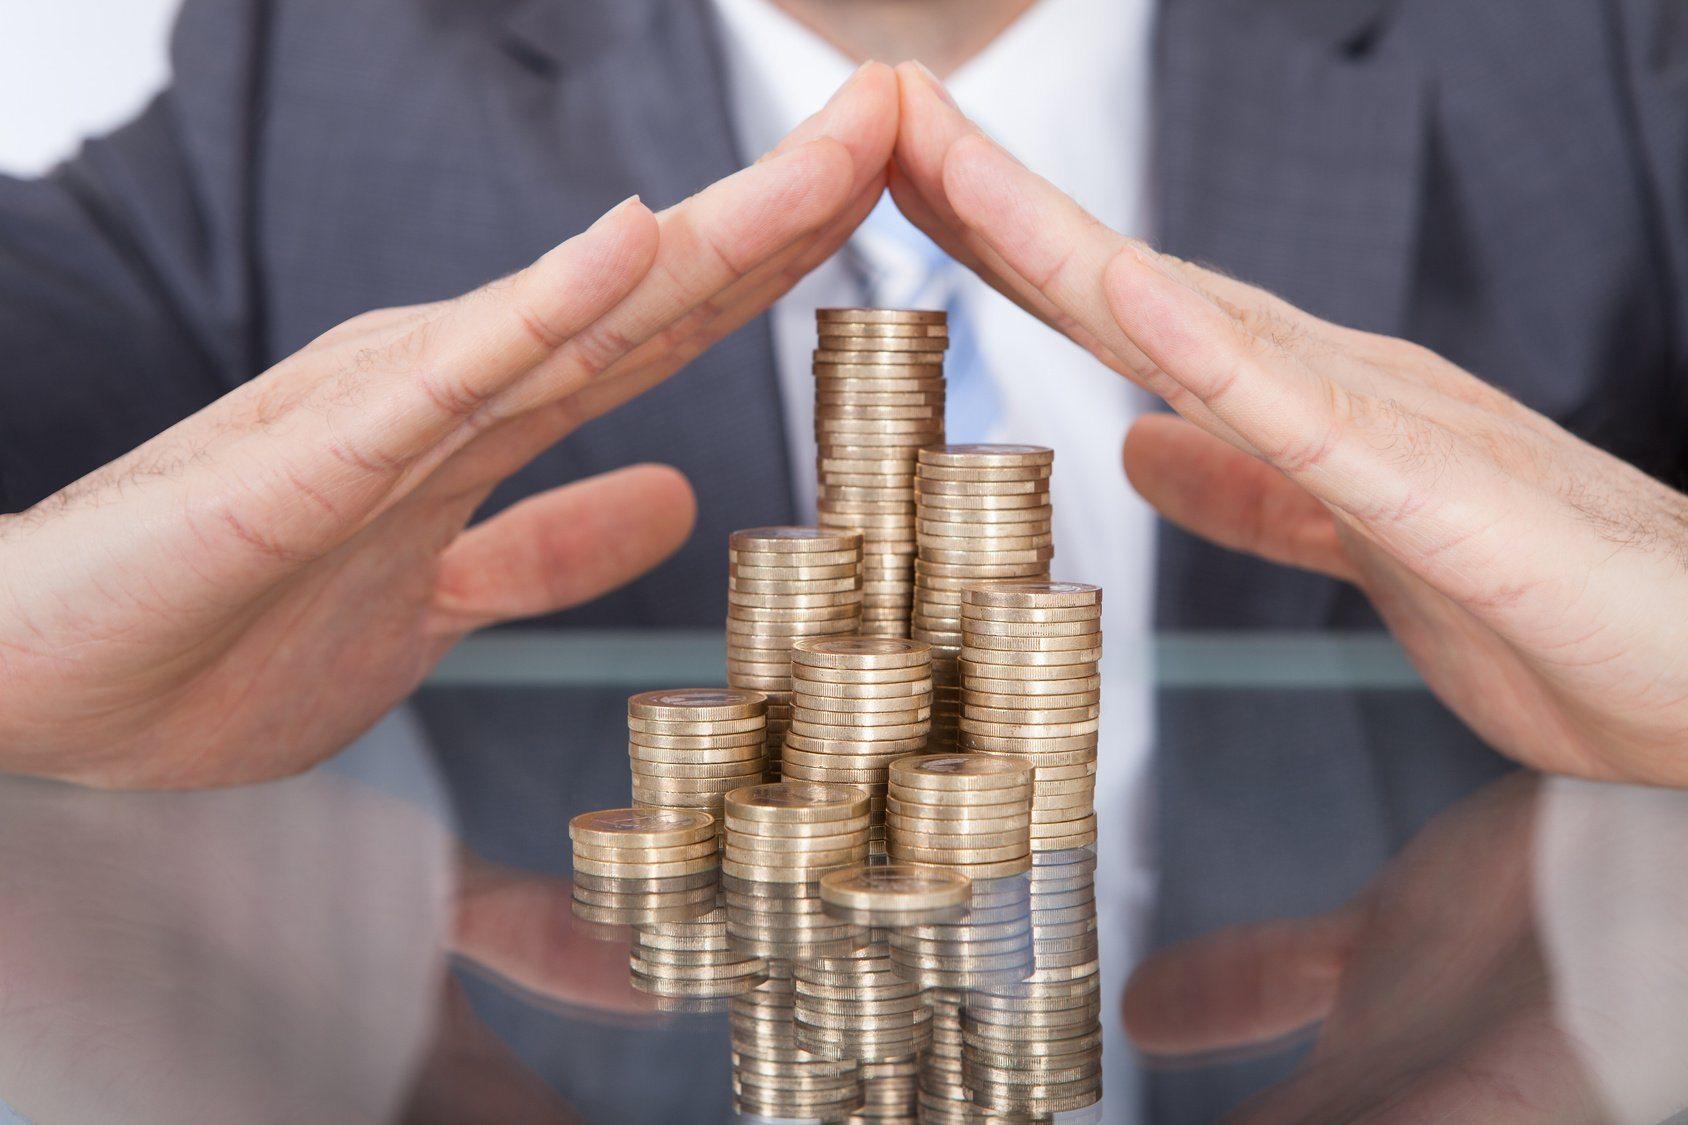 Куда вложить деньги в 2022 году и получить прибыль без риска